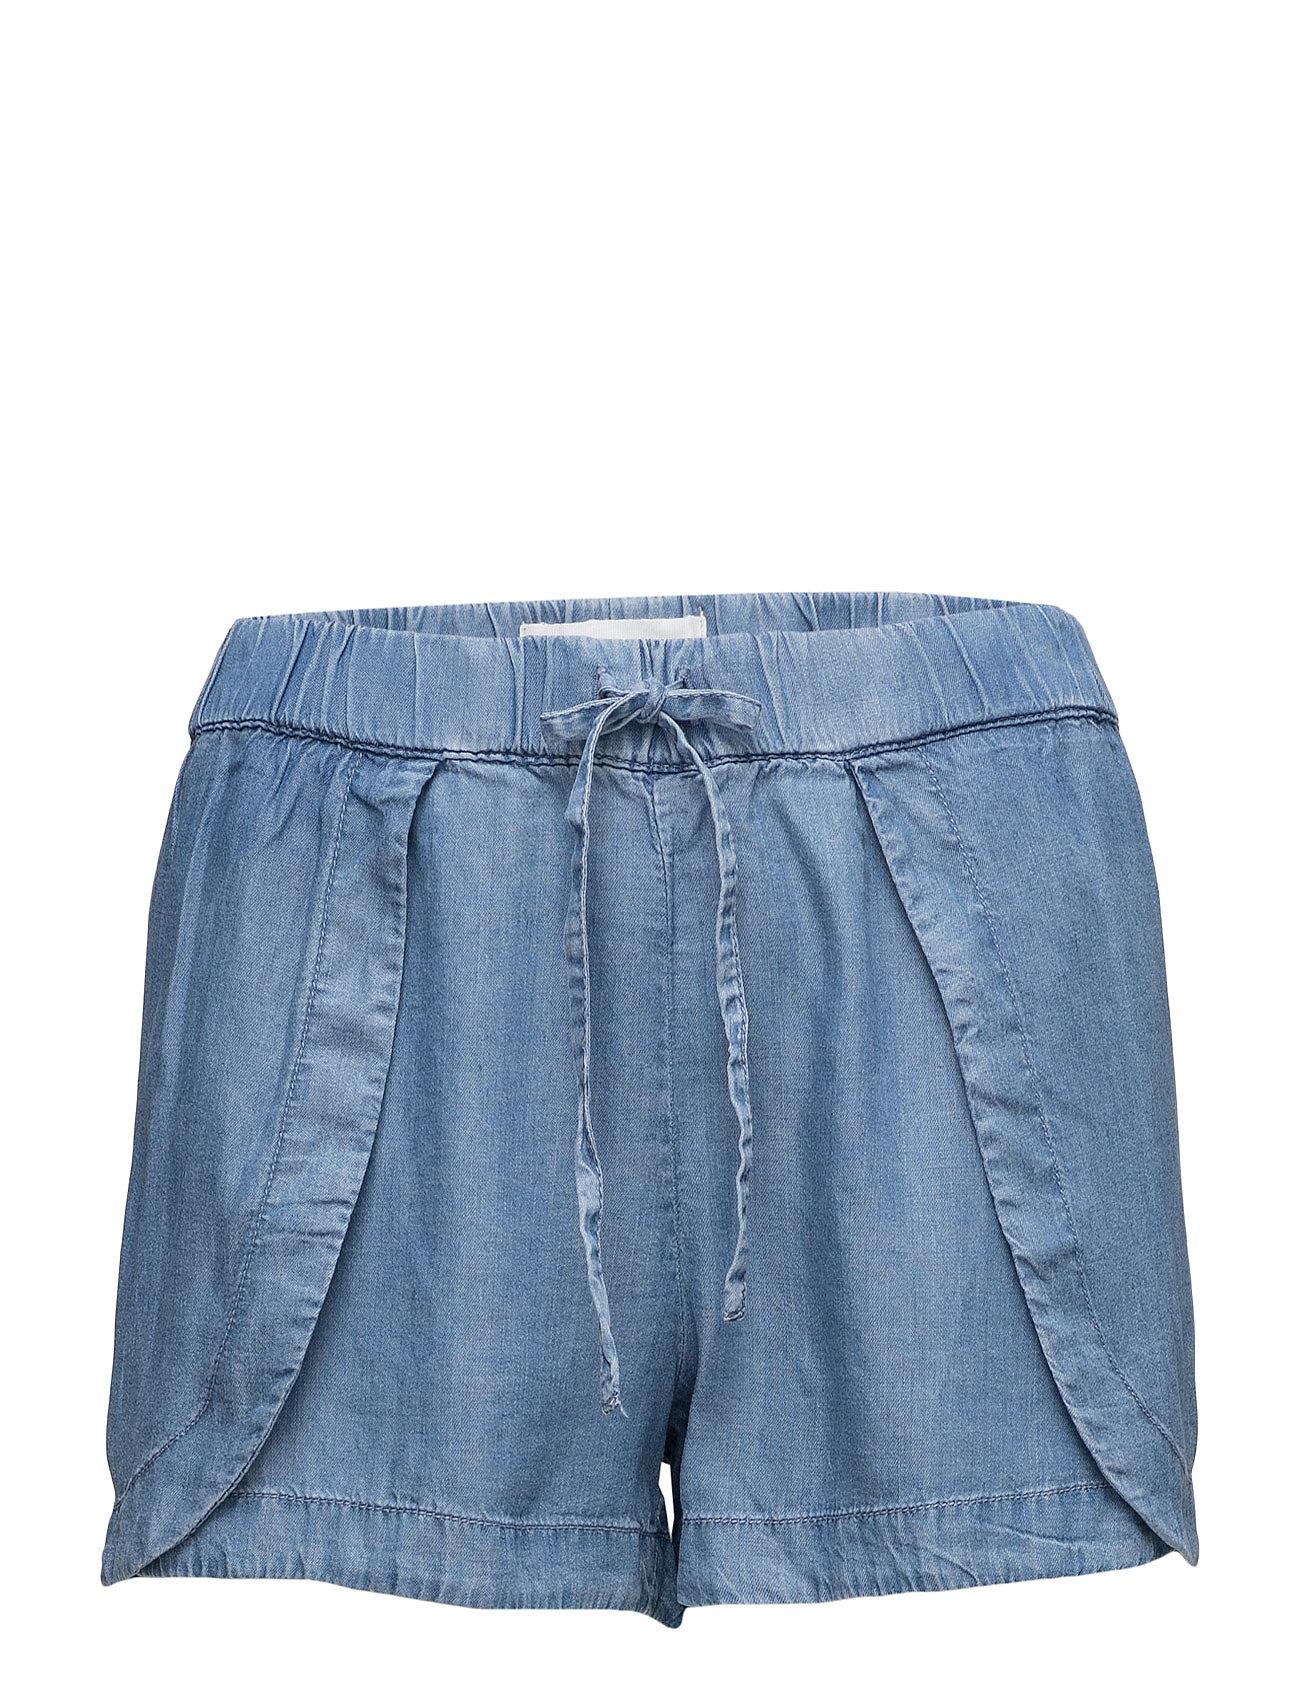 Light Wash Denim Short Mango Shorts til Kvinder i Open Blå